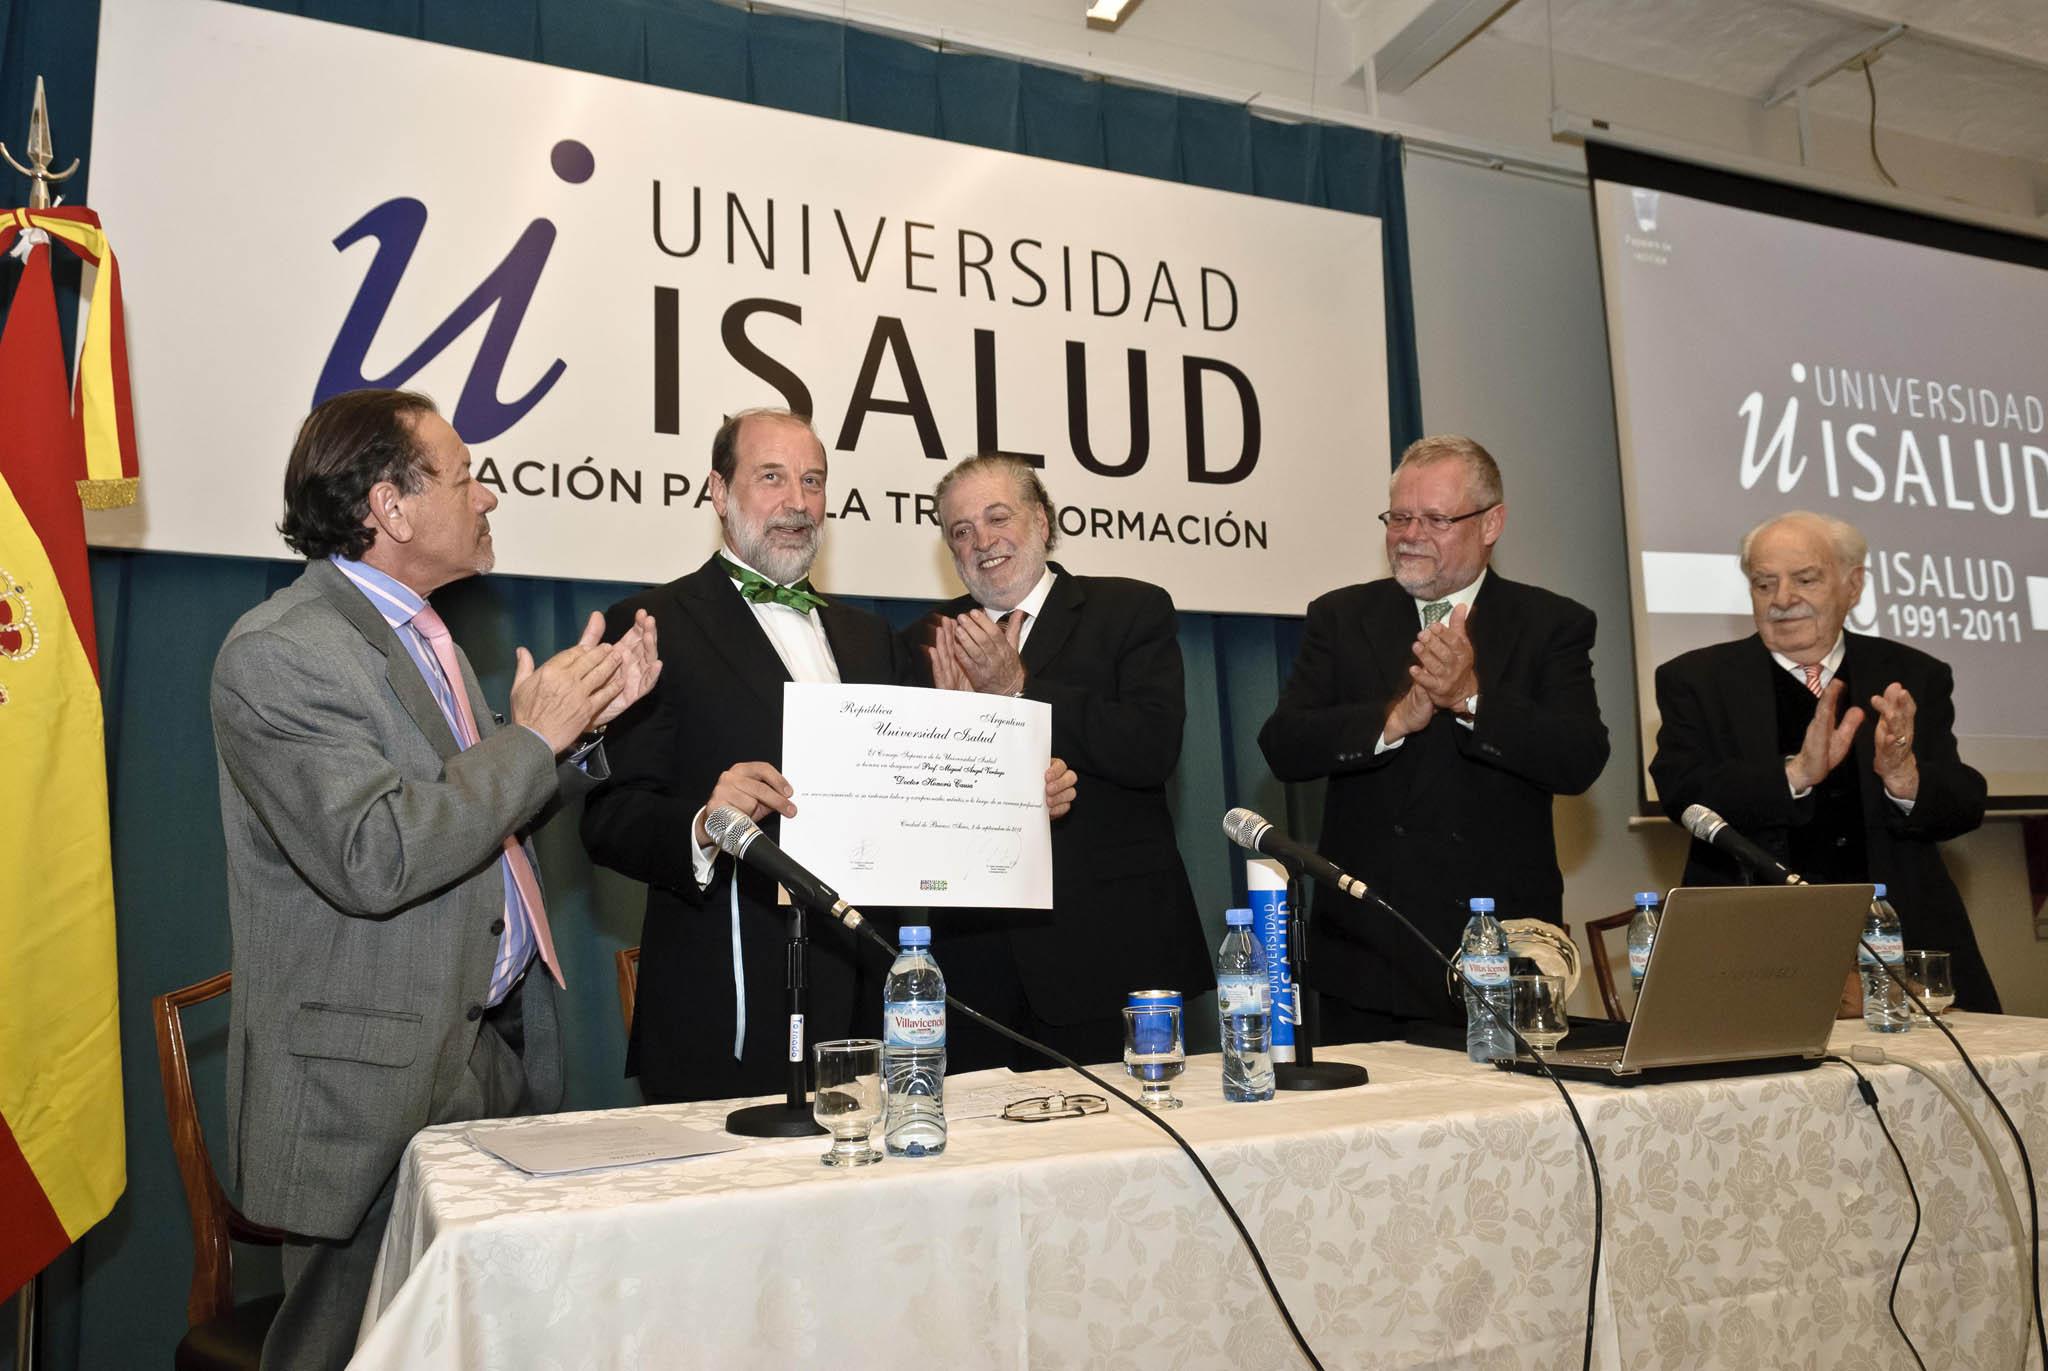 La Universidad ISALUD de Argentina nombra doctor honoris causa al catedrático de la Universidad de Salamanca Miguel Ángel Verdugo